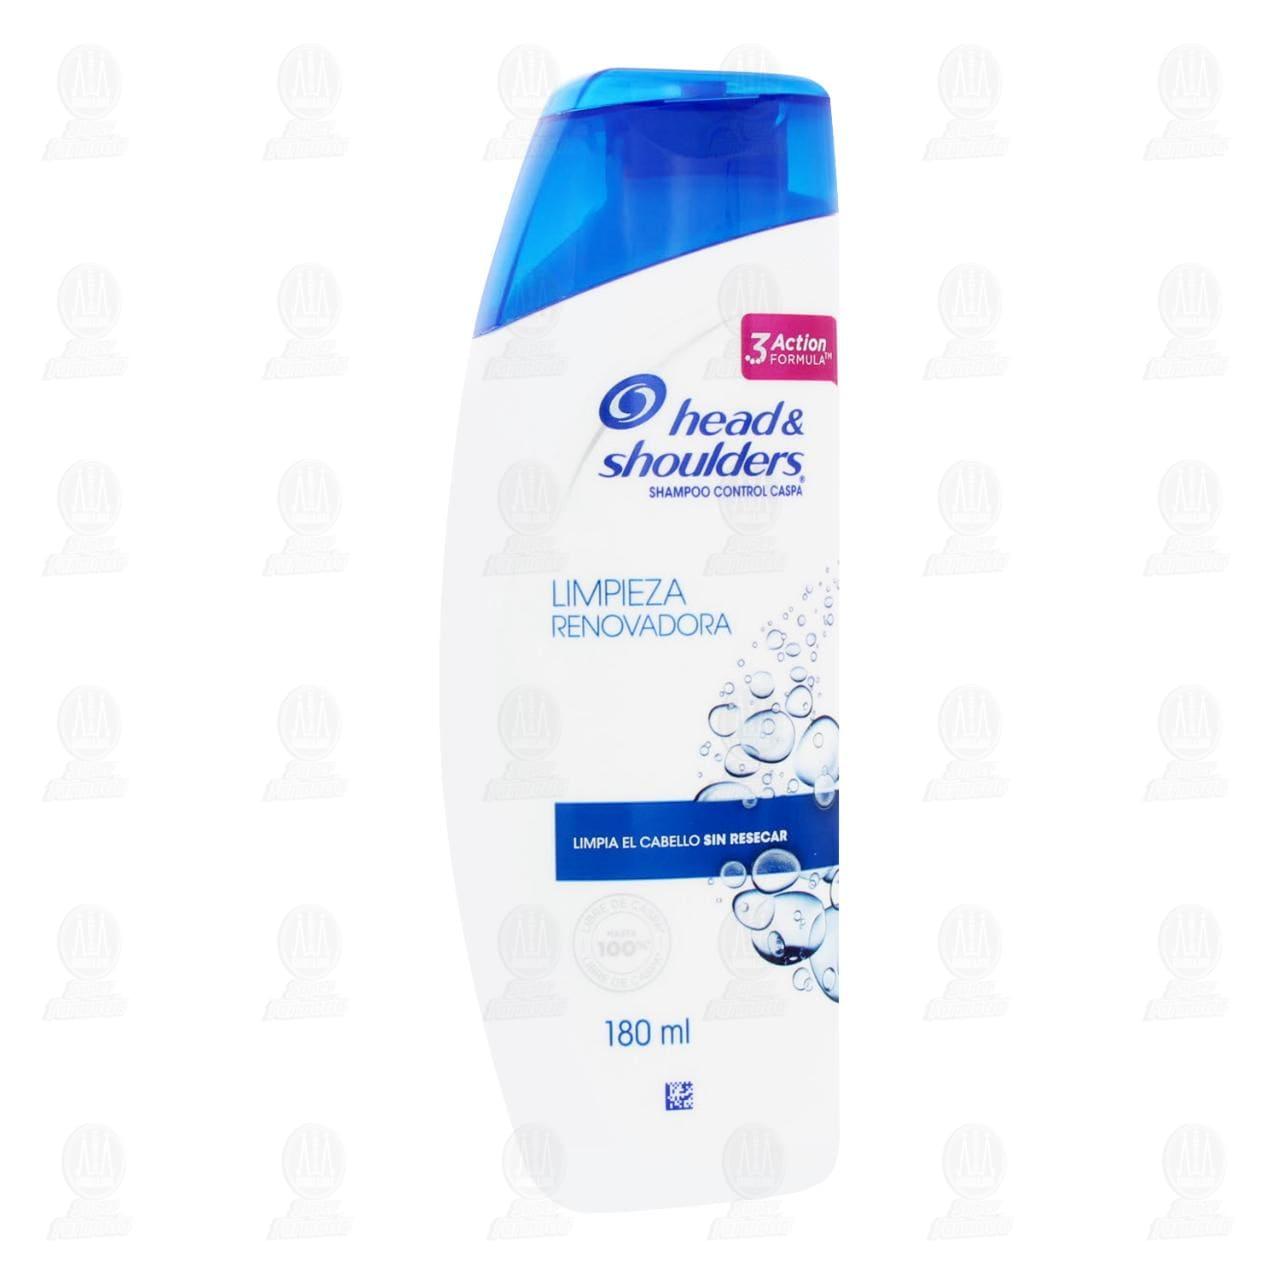 Shampoo Head & Shoulders Limpieza Renovadora, 180 ml.